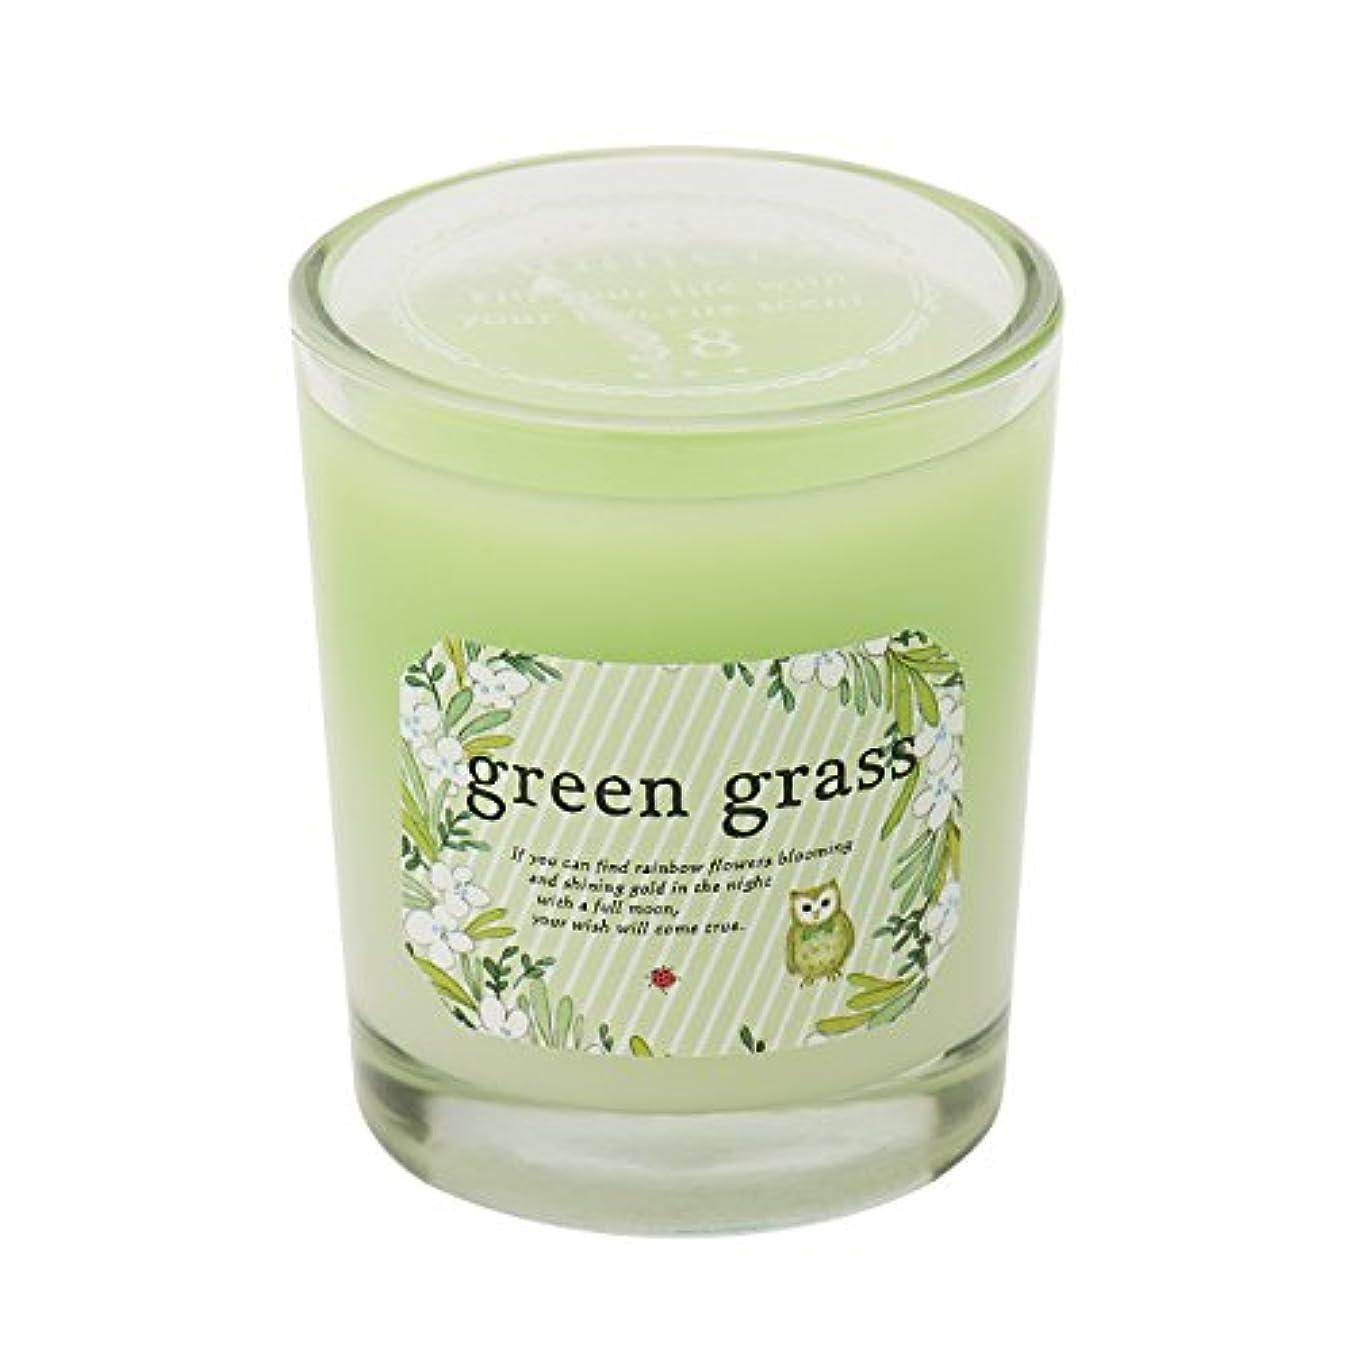 提案する支援する機械的にサンハーブ グラスキャンドル グリーングラス 35g(グラデーションろうそく 燃焼時間約10時間 爽やかでちょっと大人の香り)